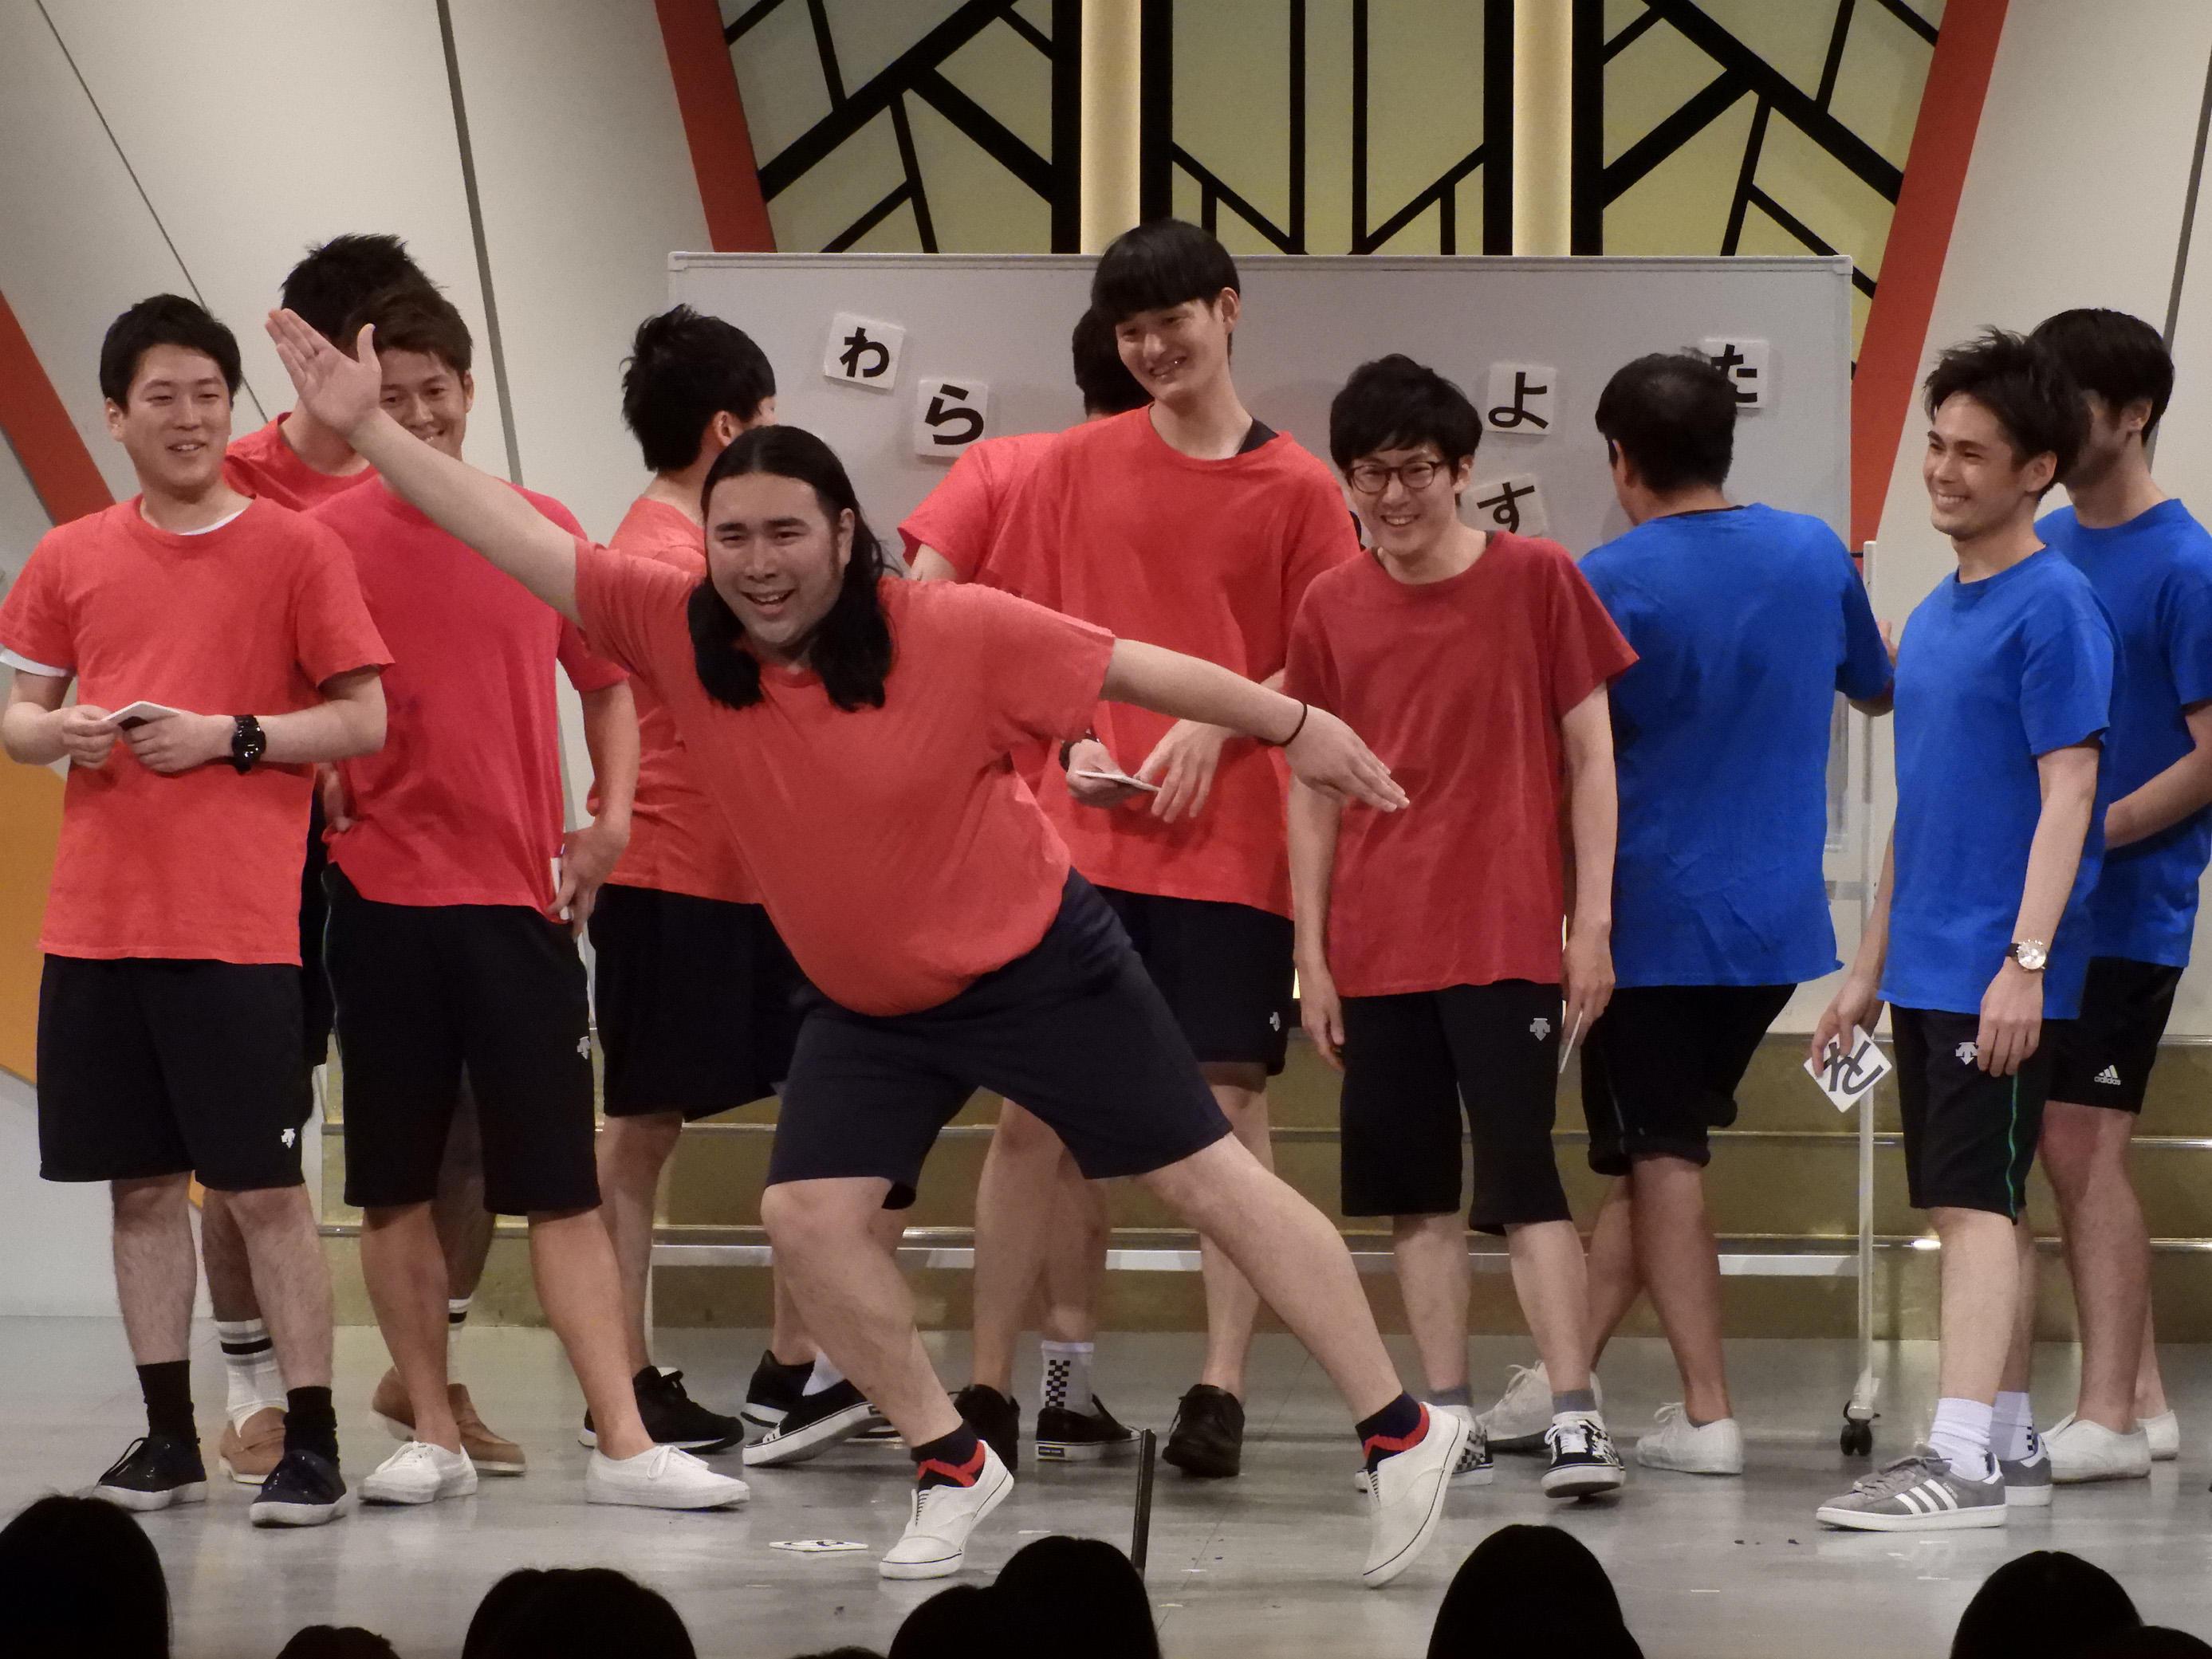 http://news.yoshimoto.co.jp/20180515114244-c914d259648ed9d6ccdcdb83bd3eaba1635a4fdd.jpg